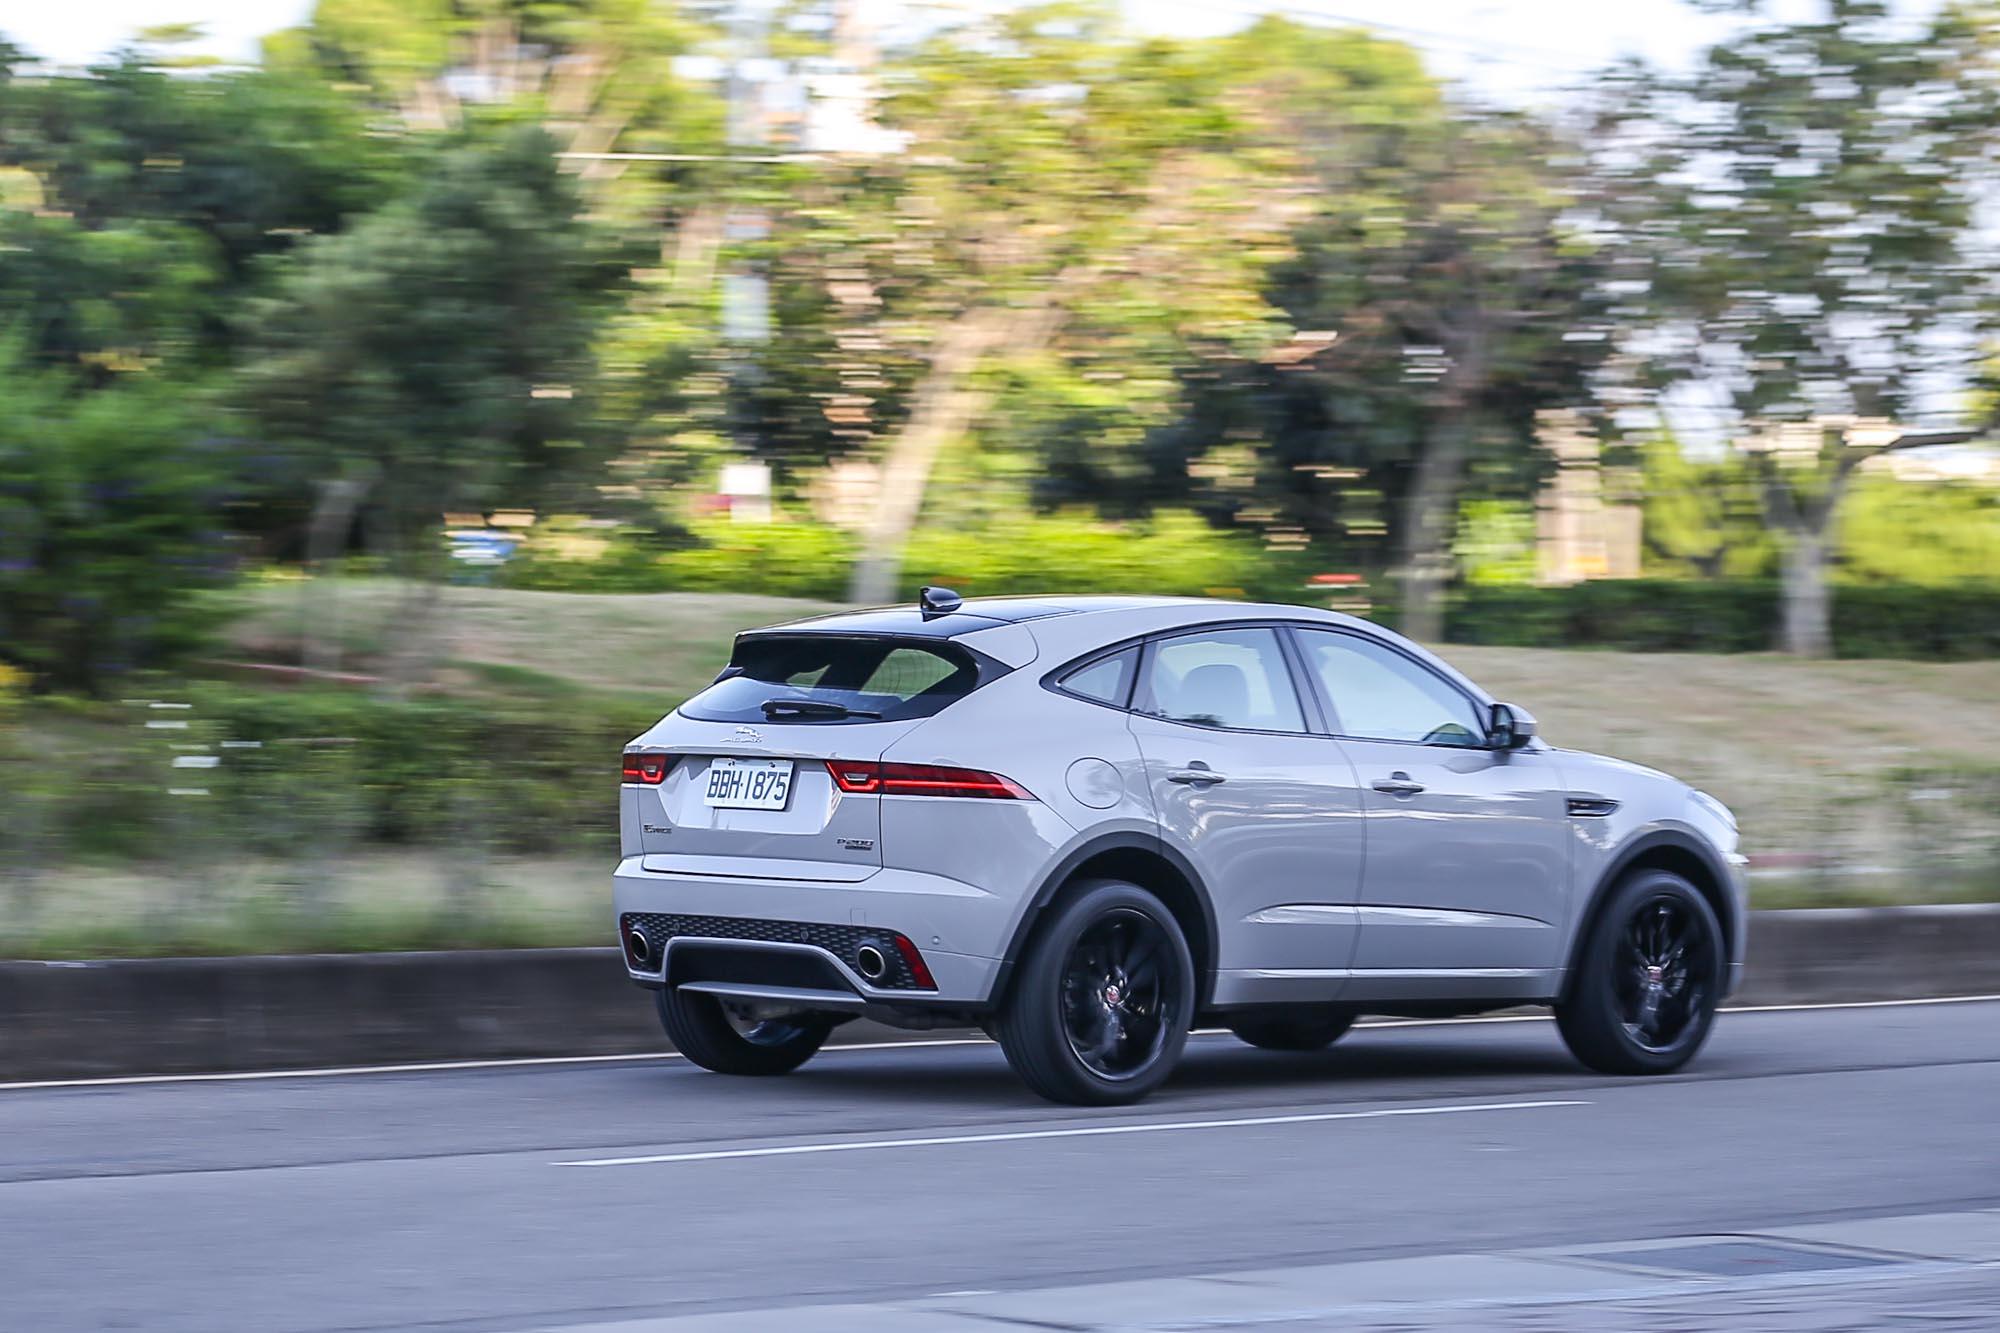 不僅外表與內在都具有跑車化性格,操駕感受也符合當前 Jaguar 的核心價值。